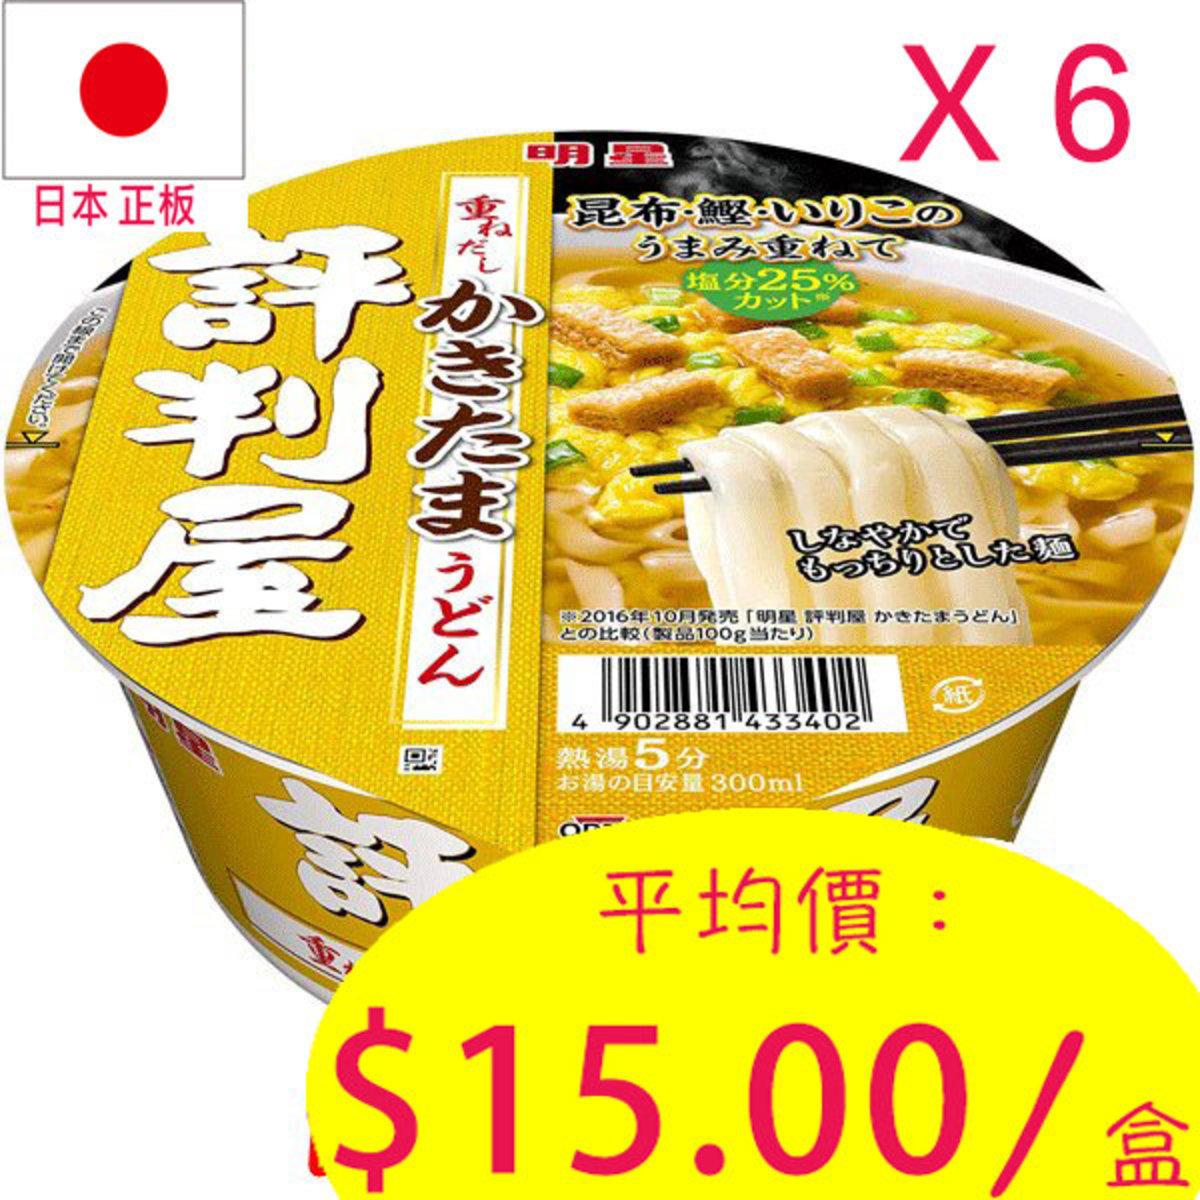 評判屋 魚及昆布低鹽醬油烏冬60g x 6盒